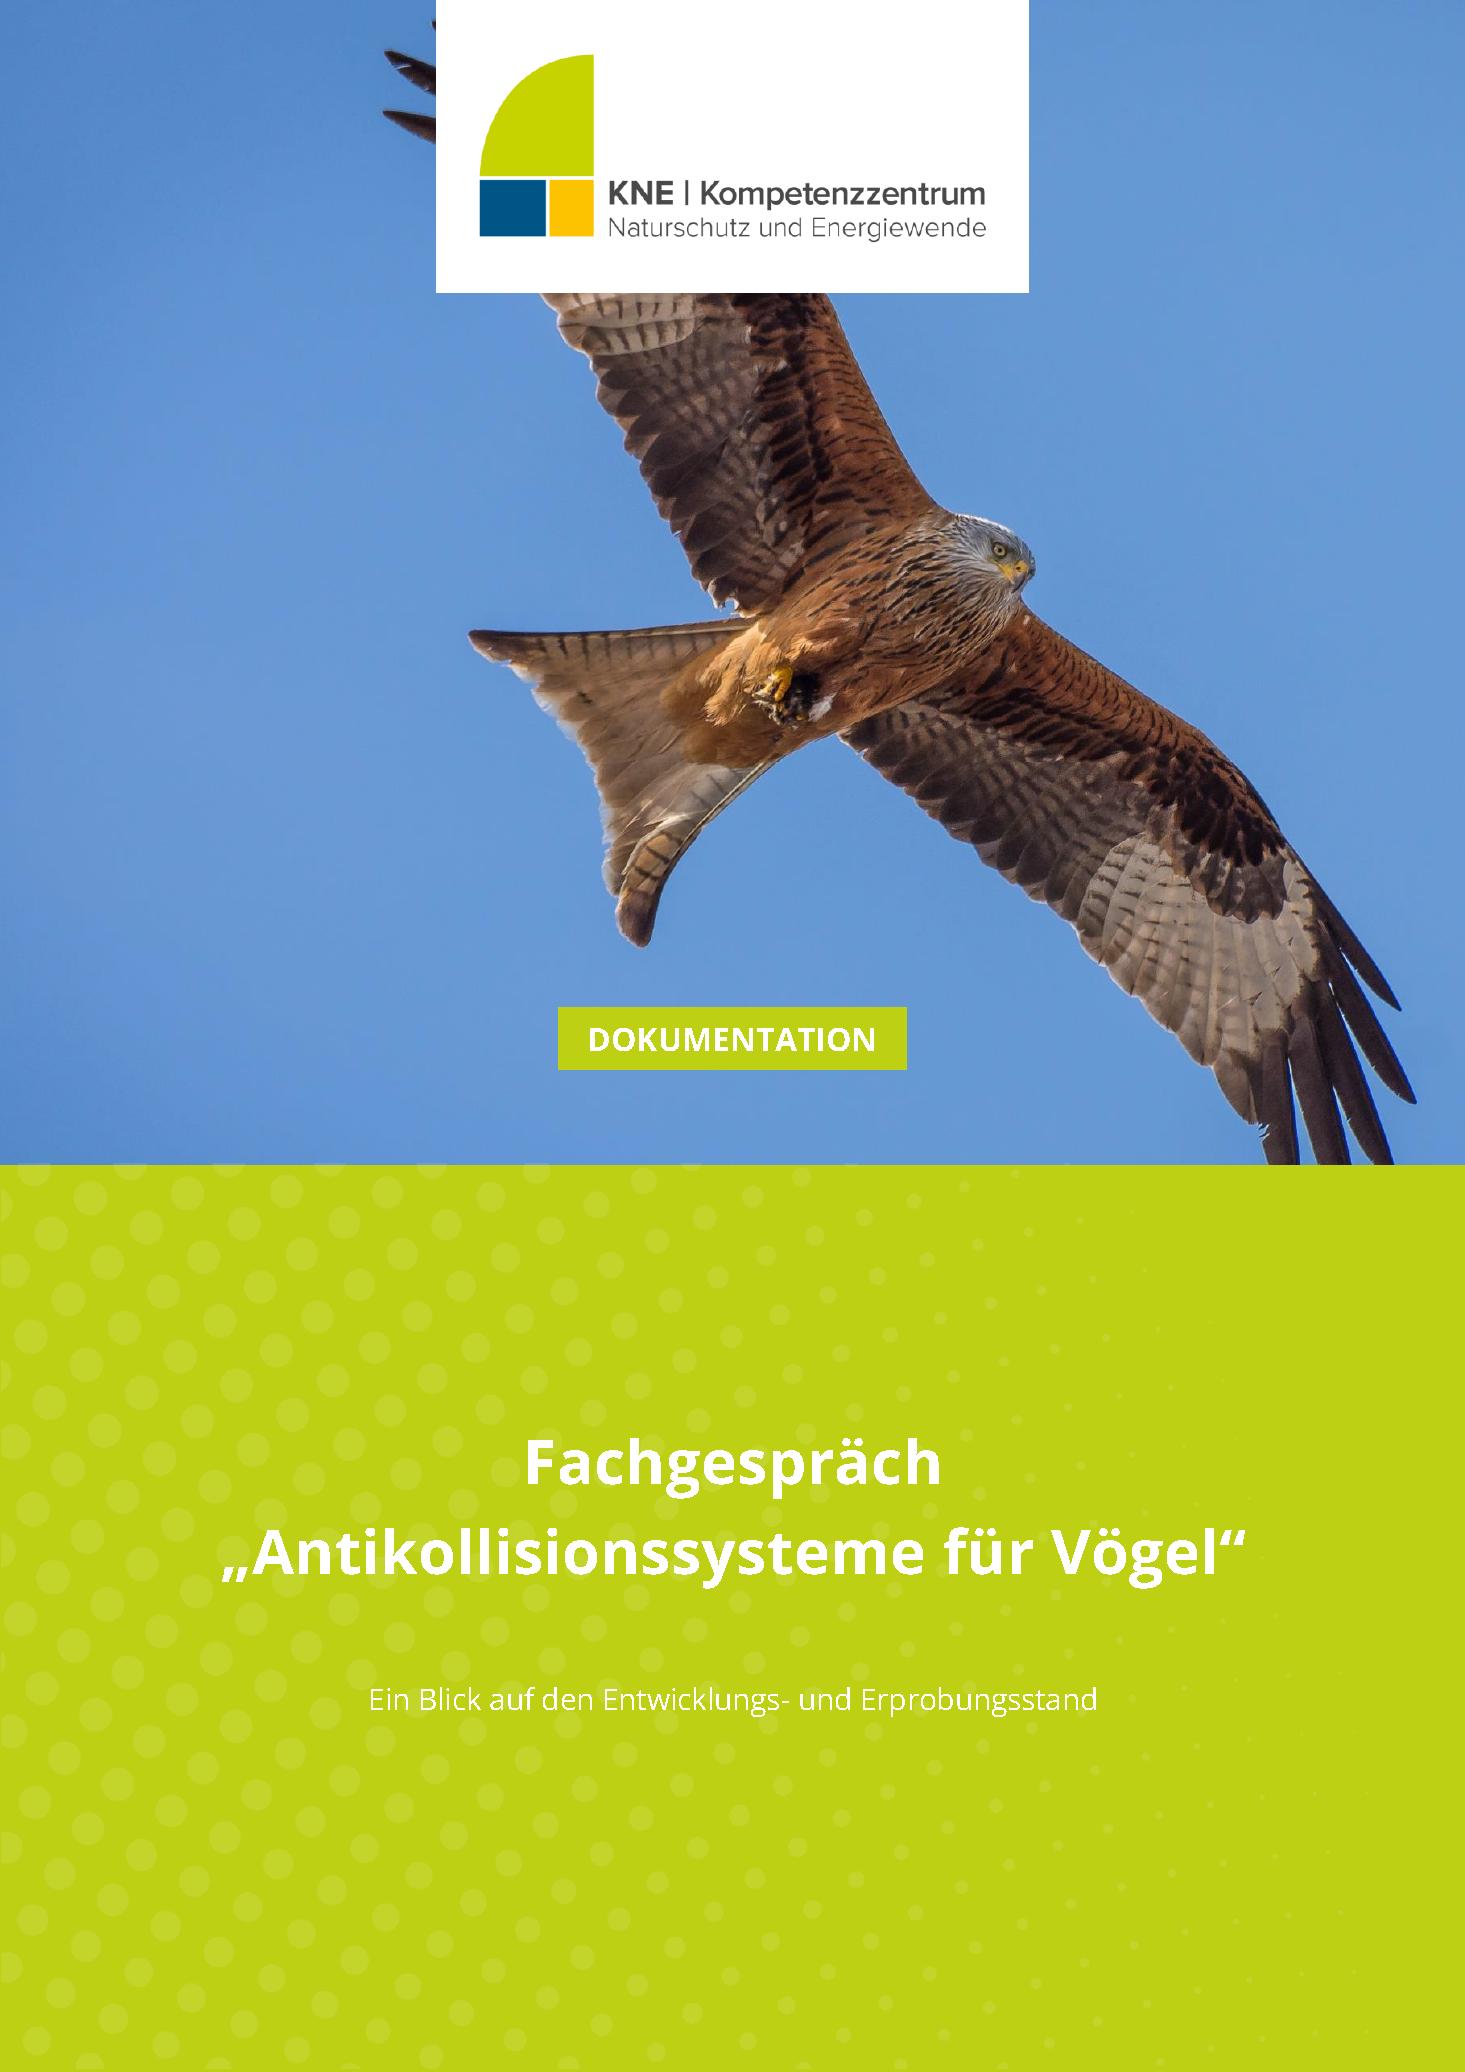 Titel_KNE-Dokumentation_Fachgespraech-Antikollisionssysteme-fuer-Voegel_2021